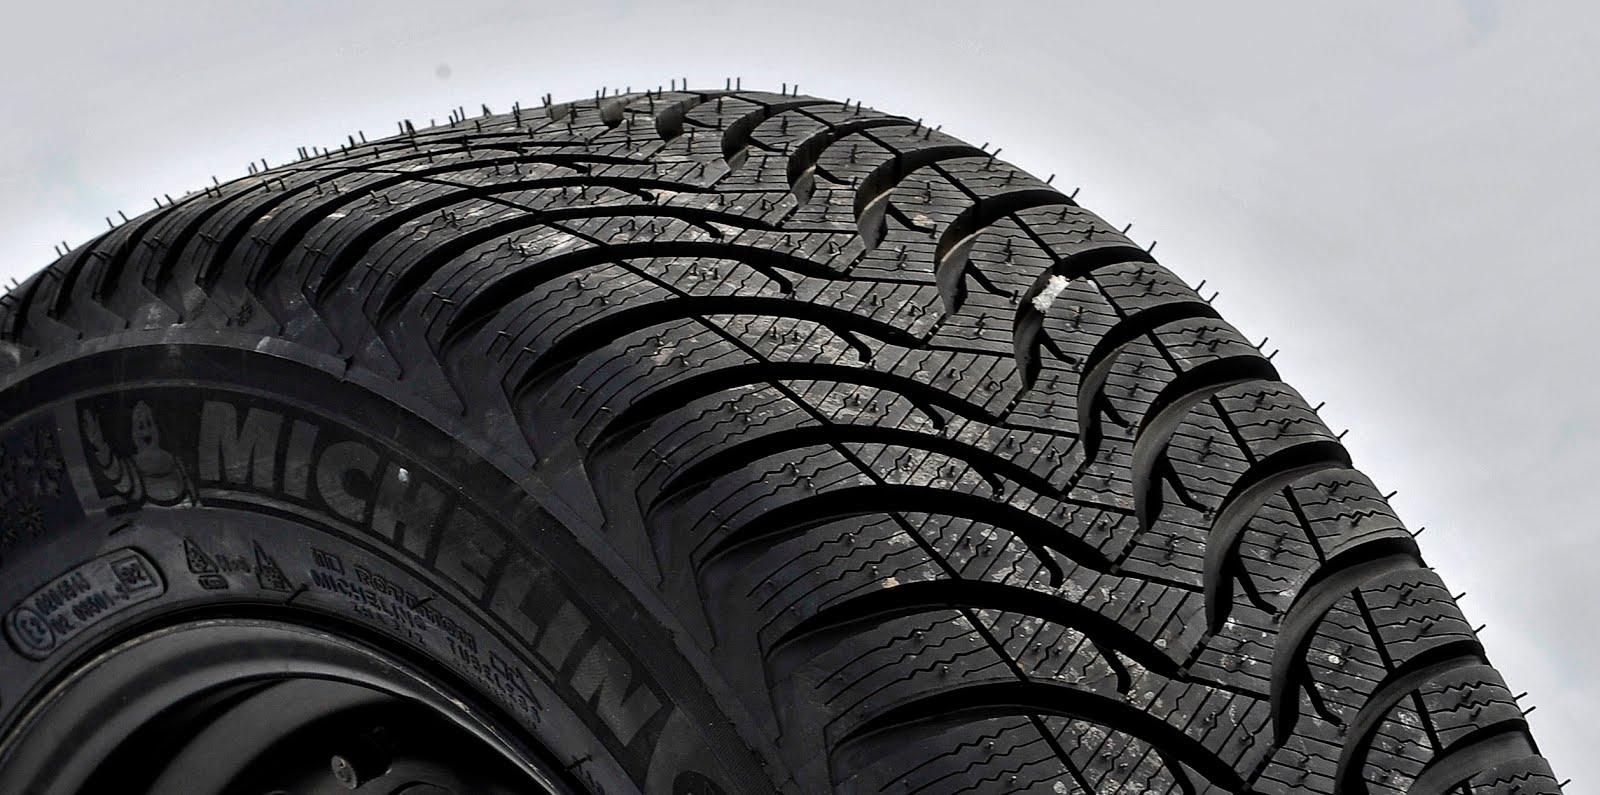 Quand faut-il changer les pneus de sa voiture ?